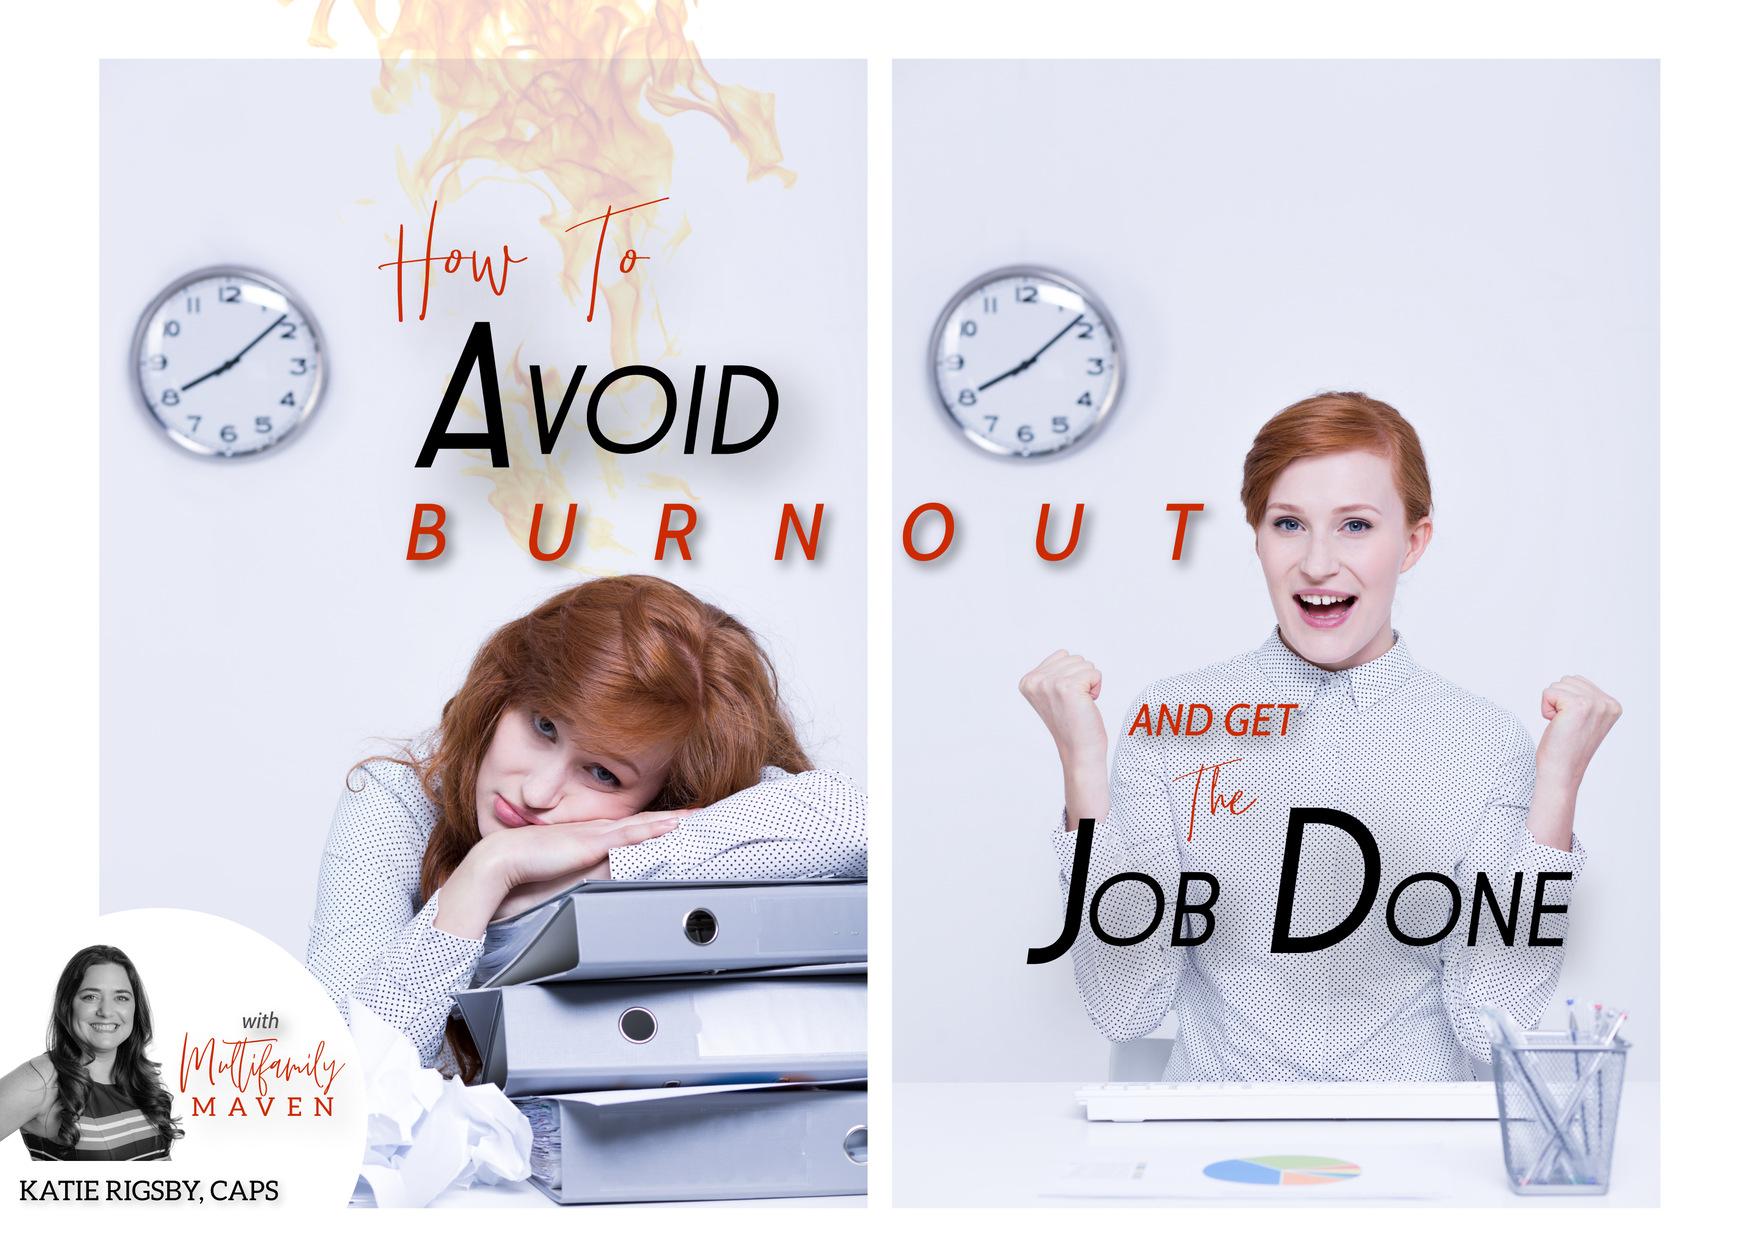 avoid-burnout-image-3-1